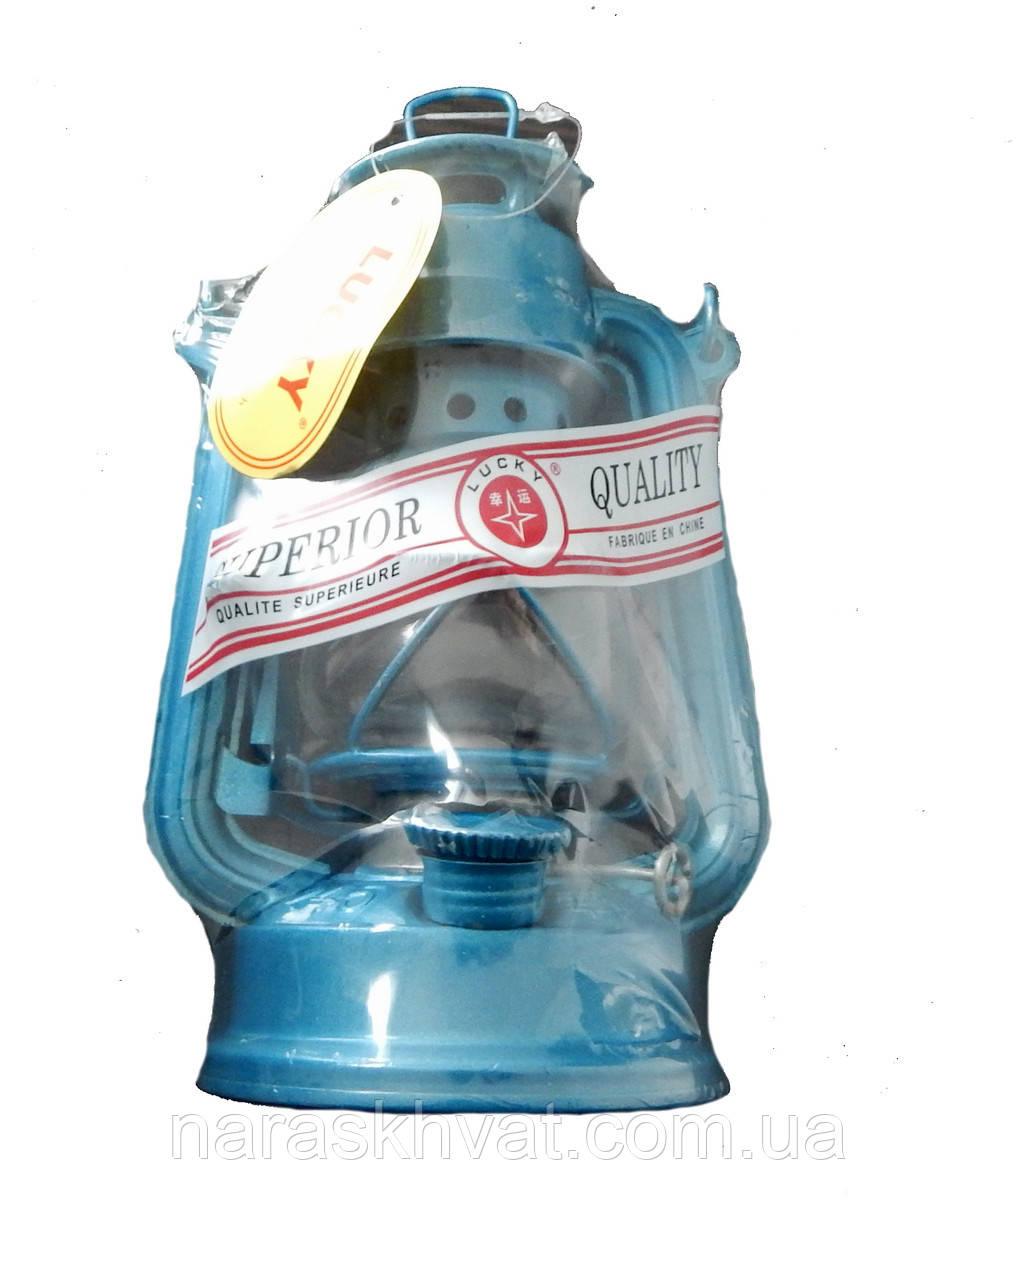 Керосиновая лампа маленькая